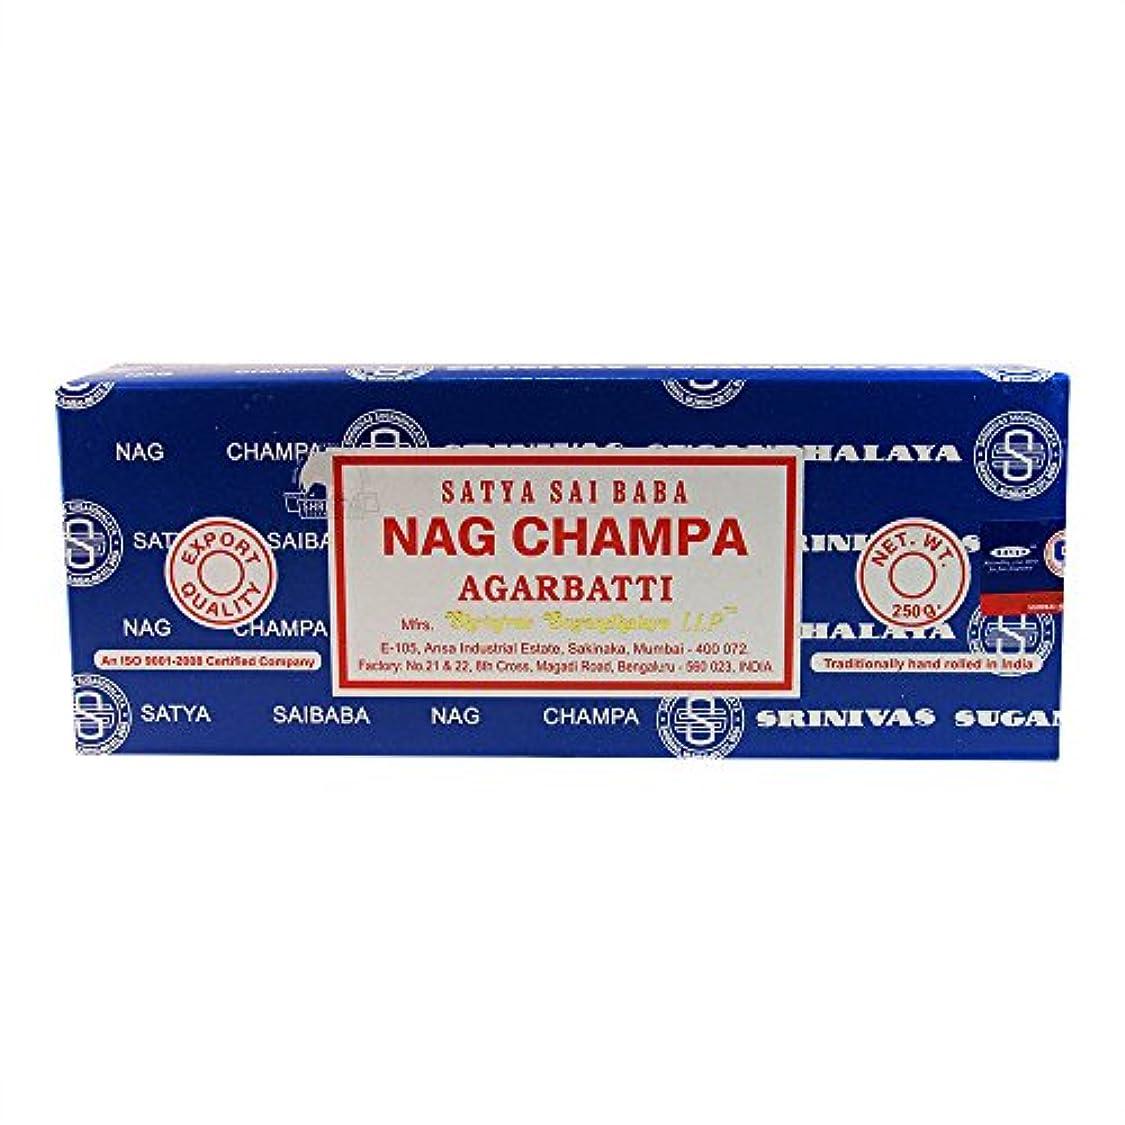 スラム立法ボルト海外直送品Nag Champa Incense, 250 GRAMS by Sai Baba